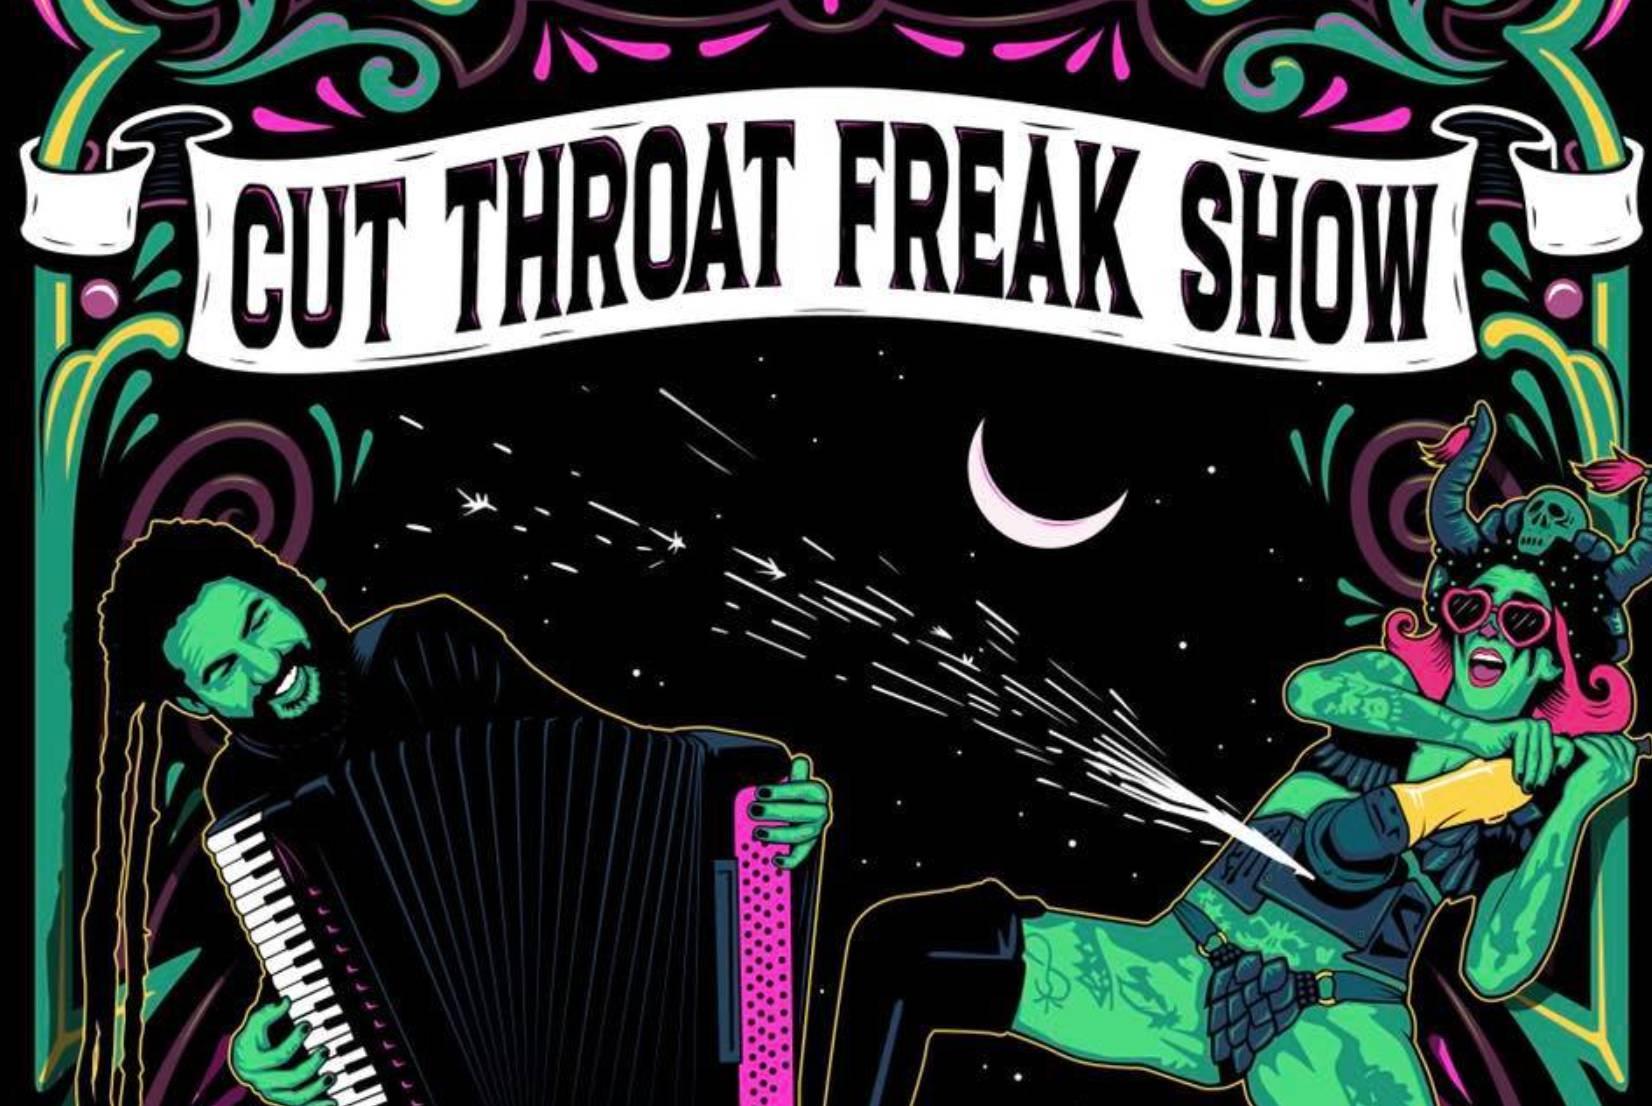 Cut Throat Freak Show